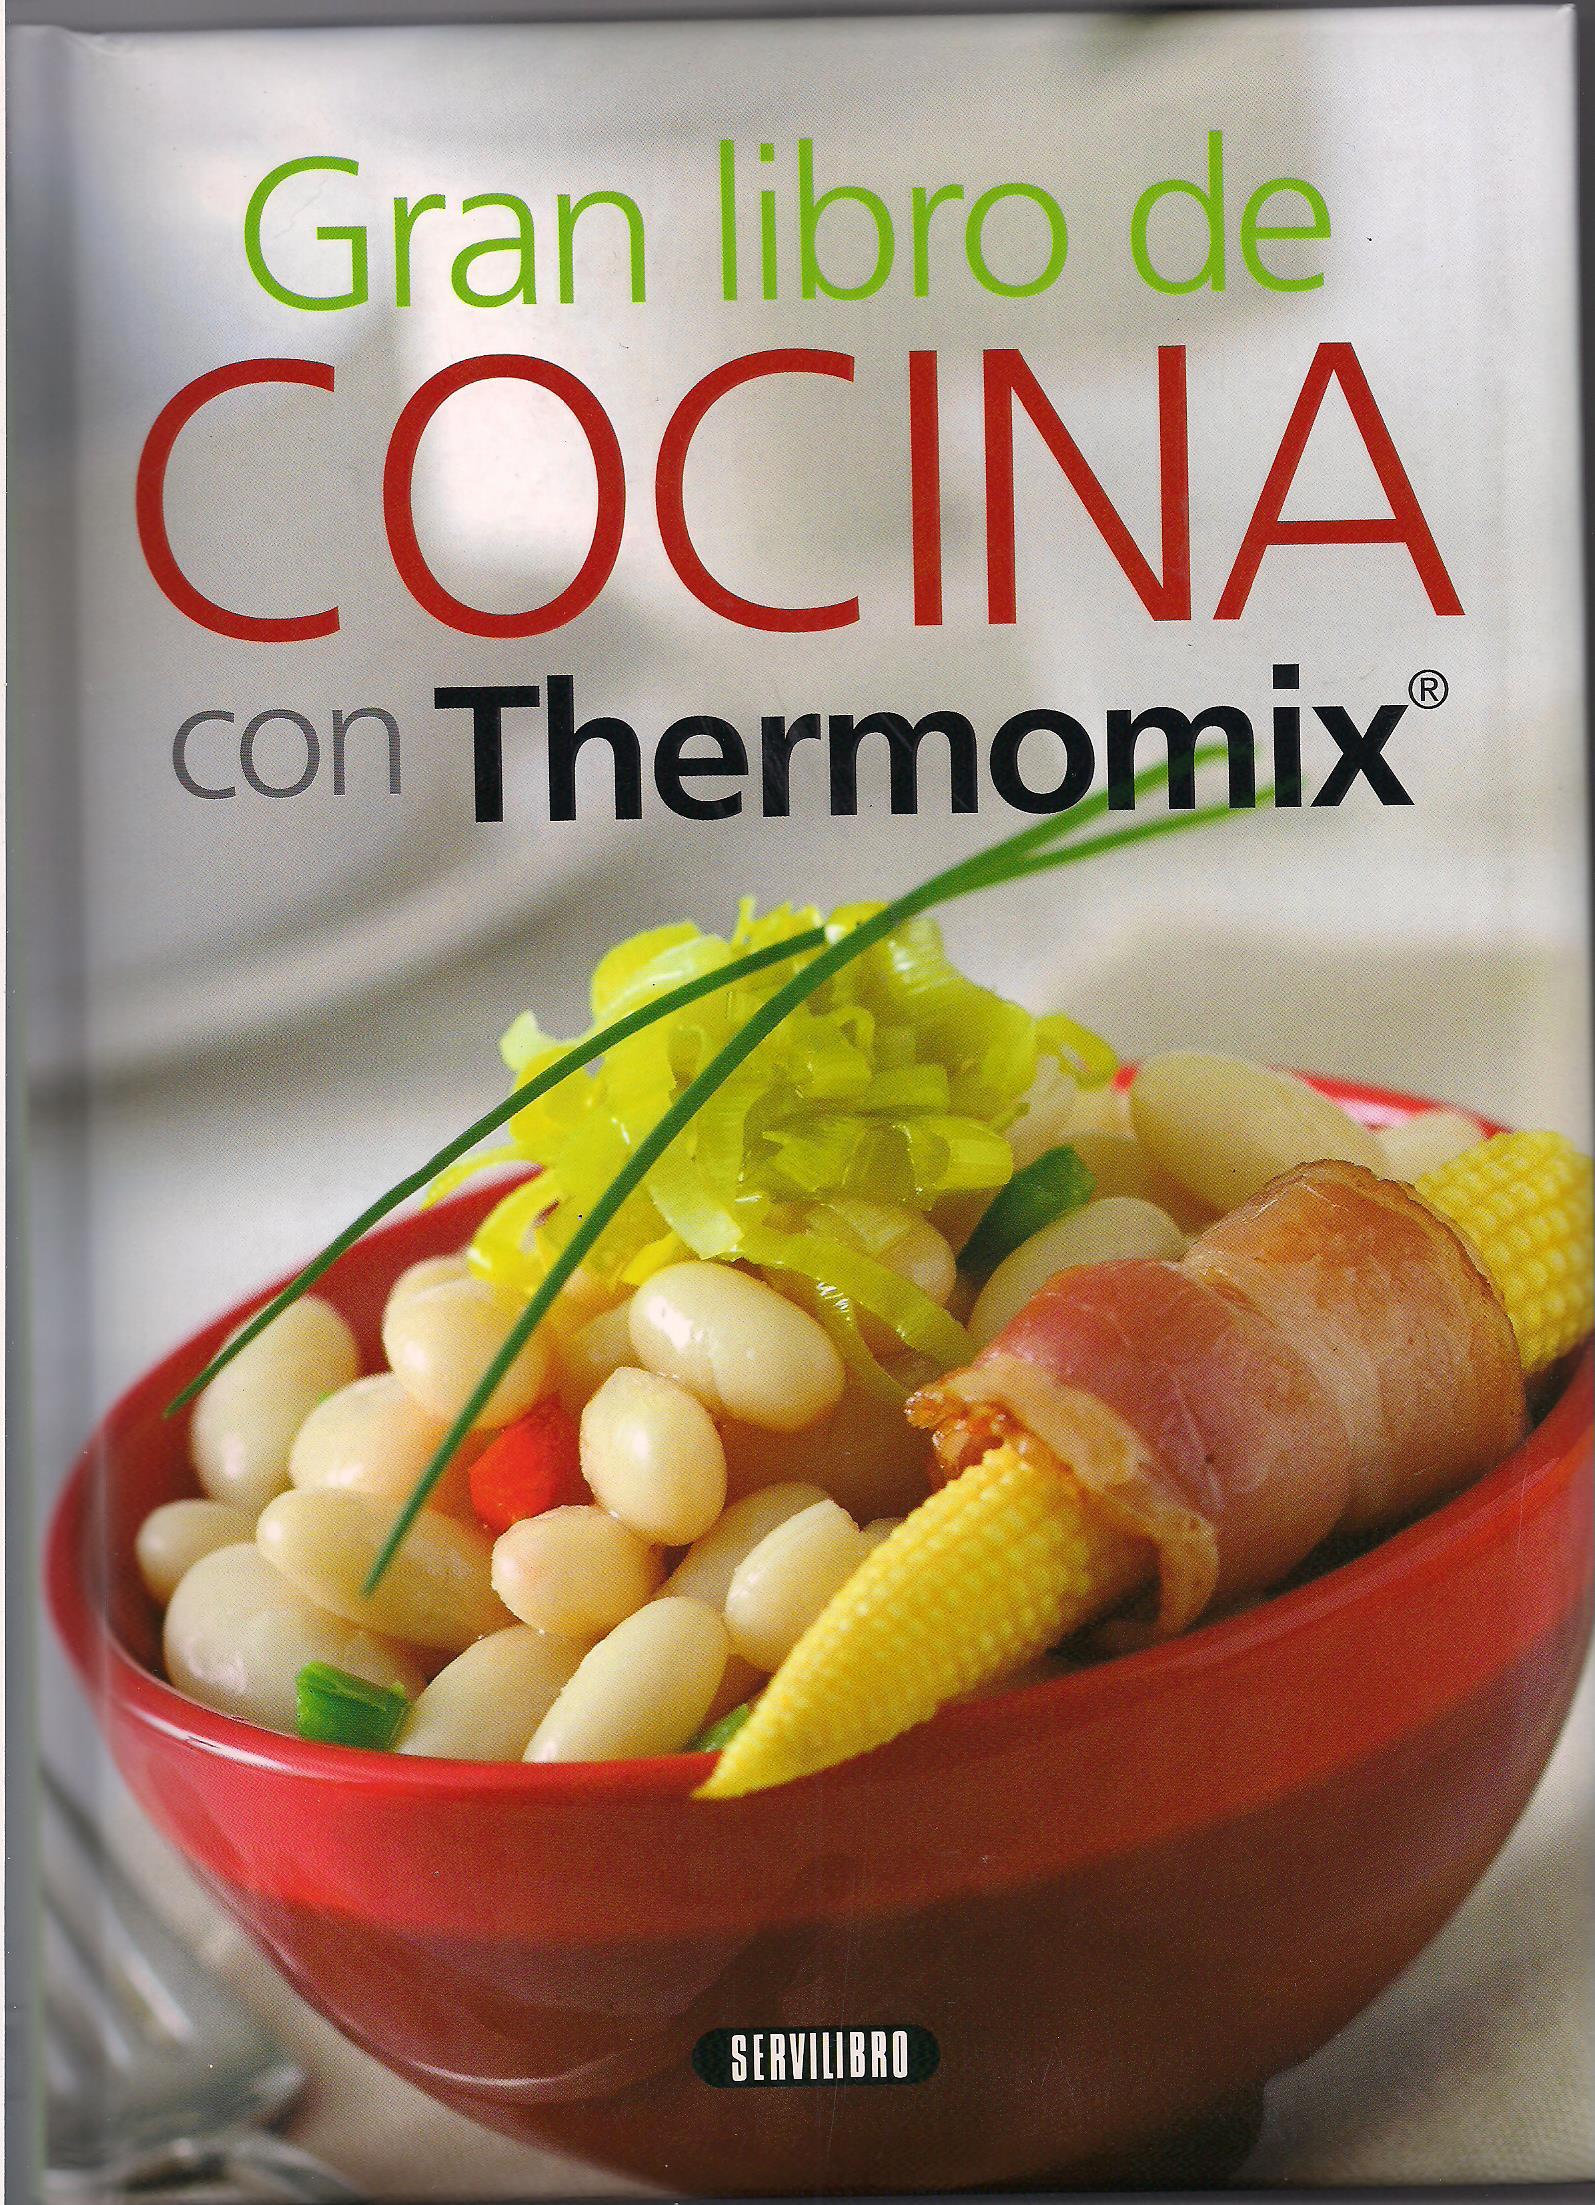 Gran libro de la cocina con Thermomix